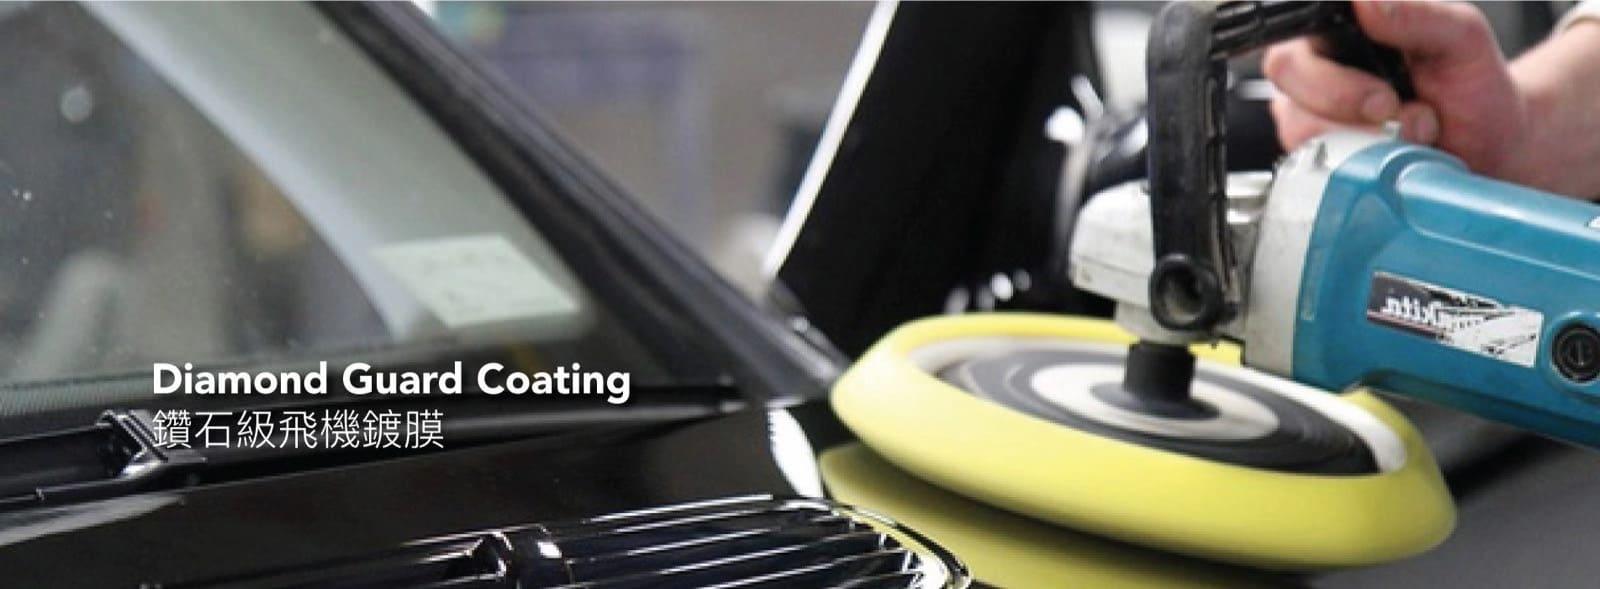 NTI Express Auto Care Centre Wash Detailing Coating Waxing Hongkong